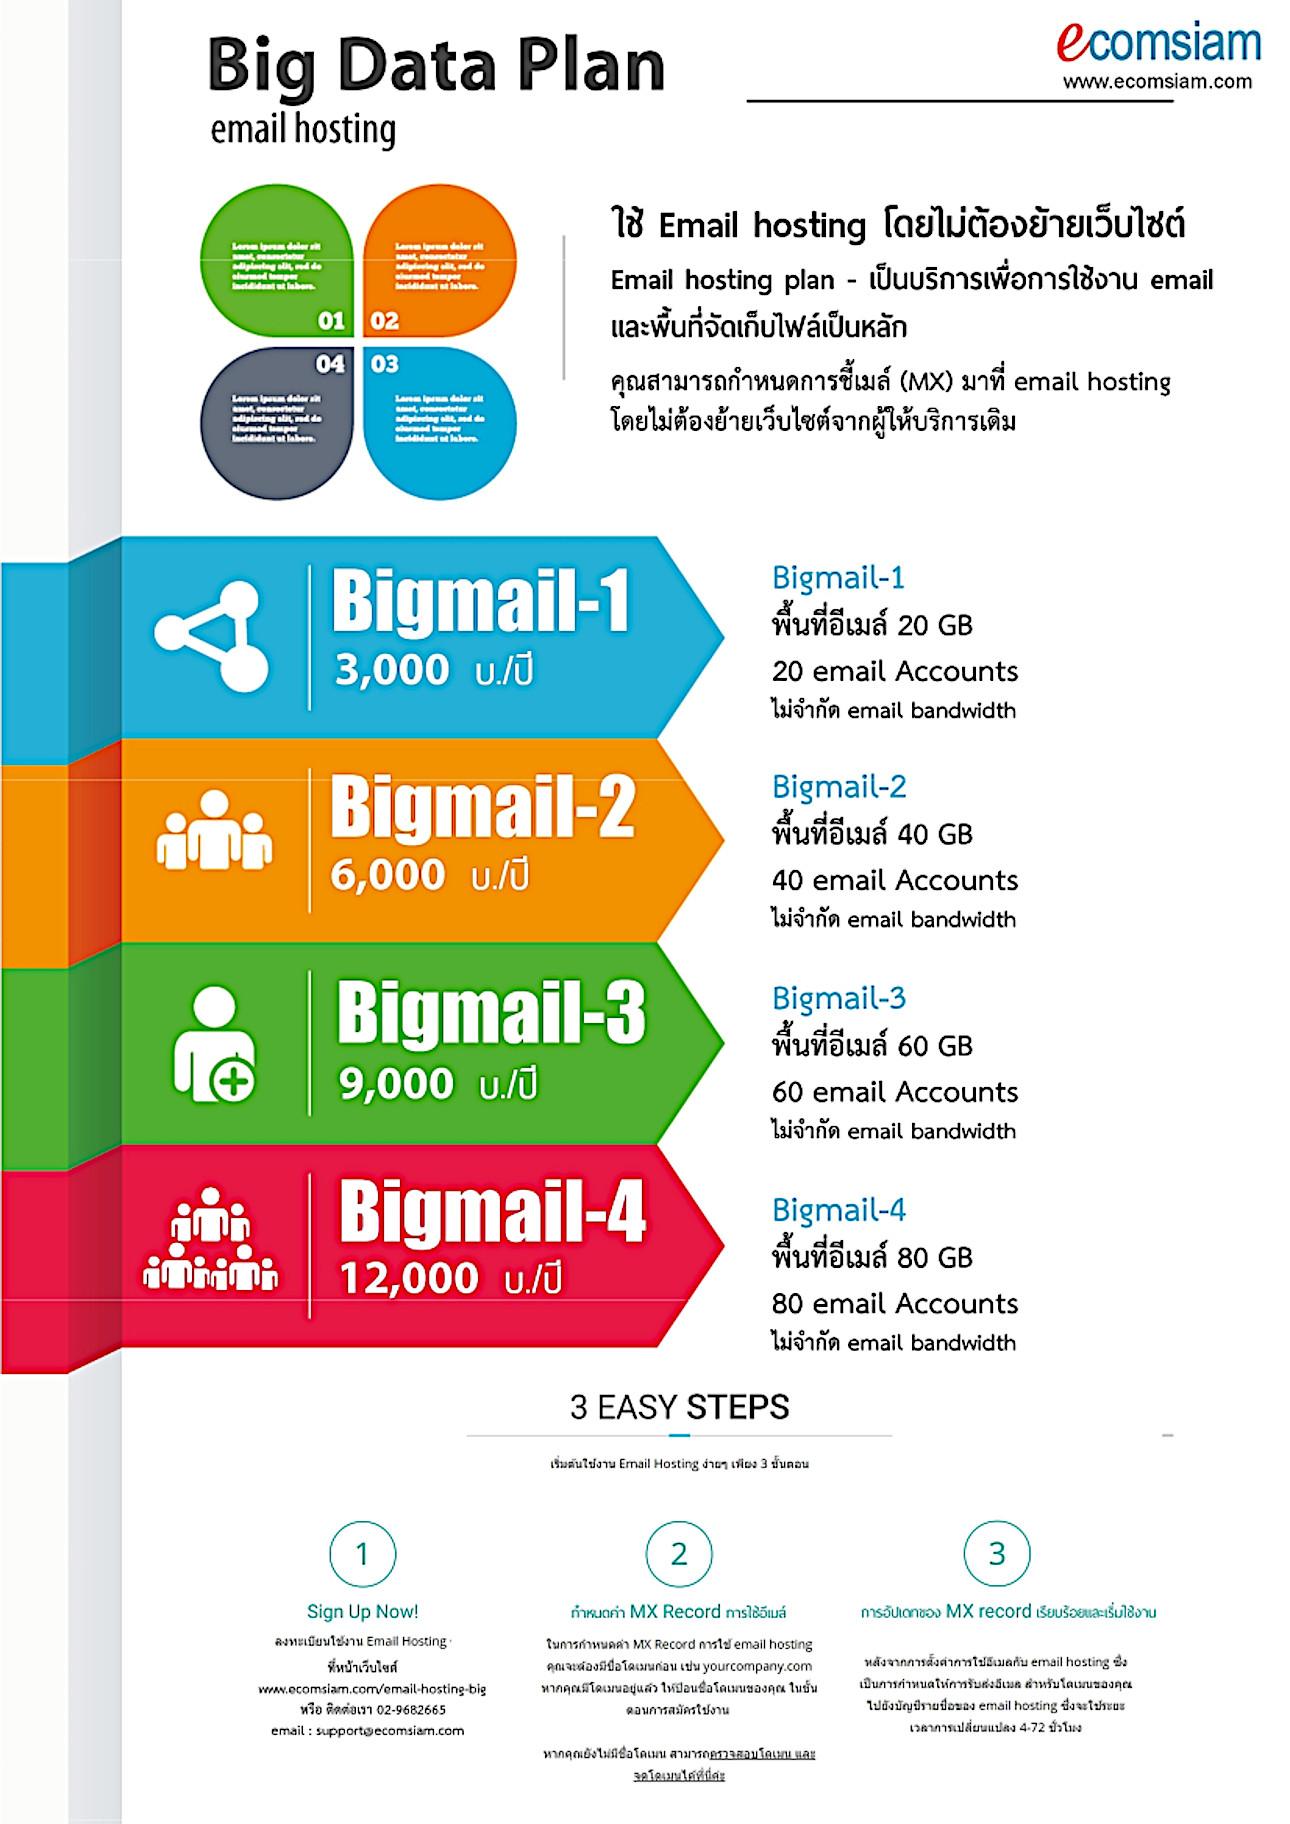 แนะนำ email hosting thailand (ประเทศไทย ) EMAIL HOSTING อีเมลระดับมืออาชีพสำหรับธุรกิจ ที่รองรับการใช้งานอย่างแท้จริง ใช้อีเมลที่กำหนดเอง (@yourcompany.com) ตั้งแต่ 20 อีเมล์ พร้อมทีมงานสนับสนุน กับพื้นที่เก็บข้อมูล 20-80 GB ไม่จำกัดแบนด์วิด  หากคุณ่ต้องการใช้อีเมล์สำหรับองค์กร อย่างมีประสิทธิภาพสูงสุดแล้ว Email hosting Hosting เป็นเพียงสิ่งที่คุณต้องการ! ระบบควบคุมจัดการอีเมล์ที่ง่าย สะดวกด้วย cPanel Control Panel ฟรี SSL นอกจากนี้เว็บโฮสติ้ง (web hosting) ของเรา ยังมีความพร้อมของระบบ ป้องกัน virus จากอีเมล์ และกรองเมล์ขยะ (spam mail filter) พิเศษสุด! จัดเก็บ Log ตามกฏหมาย 90 วัน ยอดเยี่ยมด้วยการสำรองข้อมูลโดย Backup ข้อมูล Email hosting แบบรายวัน หรือ Daily backup รับจดโดเมน .co.th .ac.th 800 บ./ปี จดโดเมน .com 490 บ./ปี